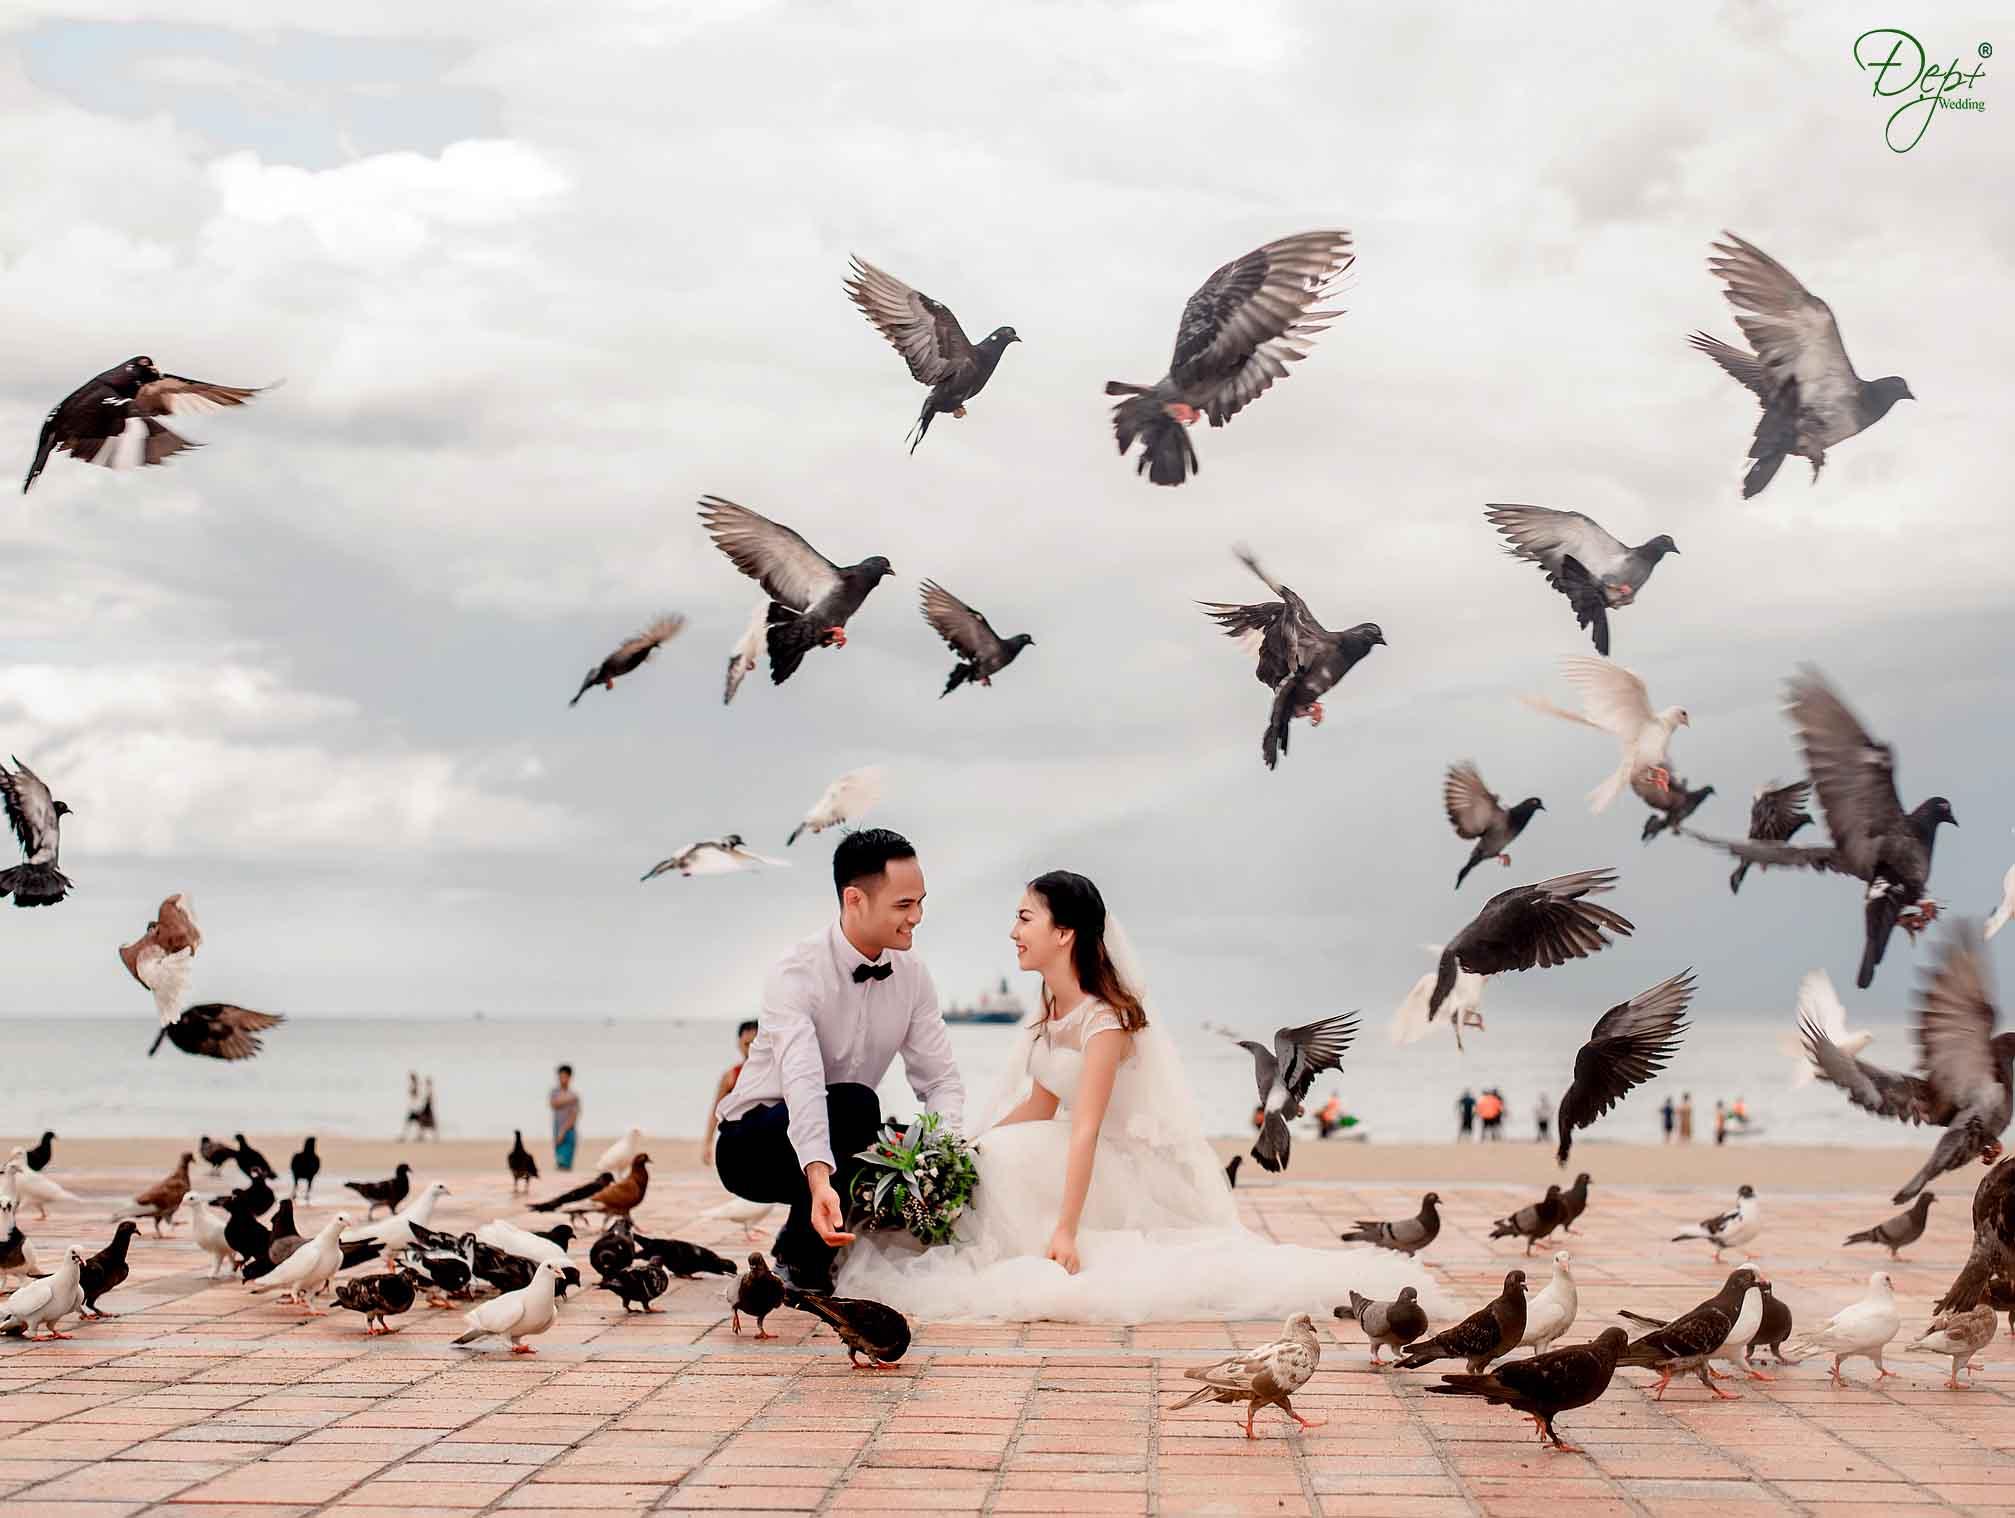 công viên biển đông cảnh đẹp đà nẵng